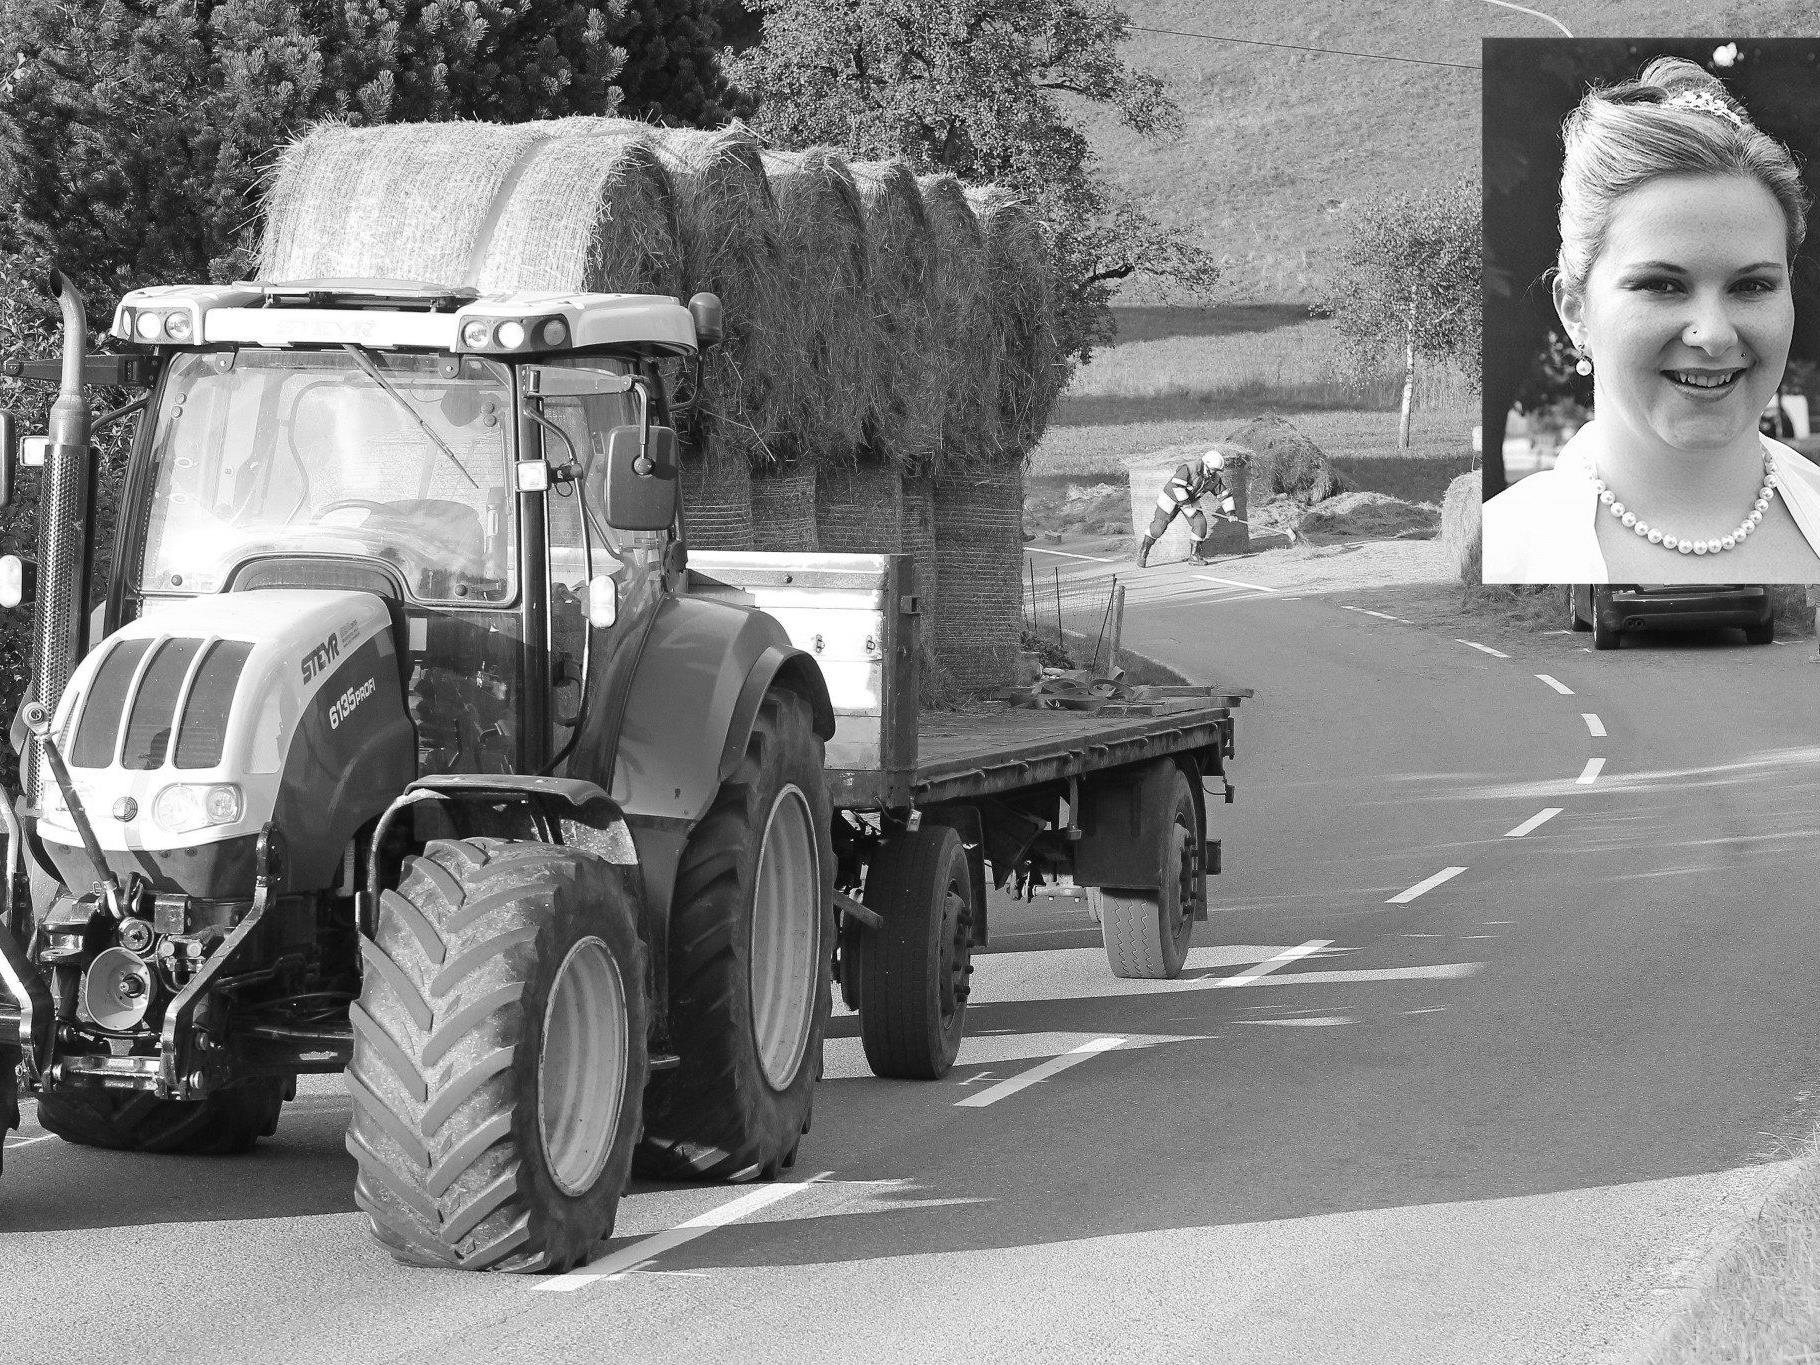 Die Familie der Verstorbenen bittet um Rücksicht auf den Traktorlenker.